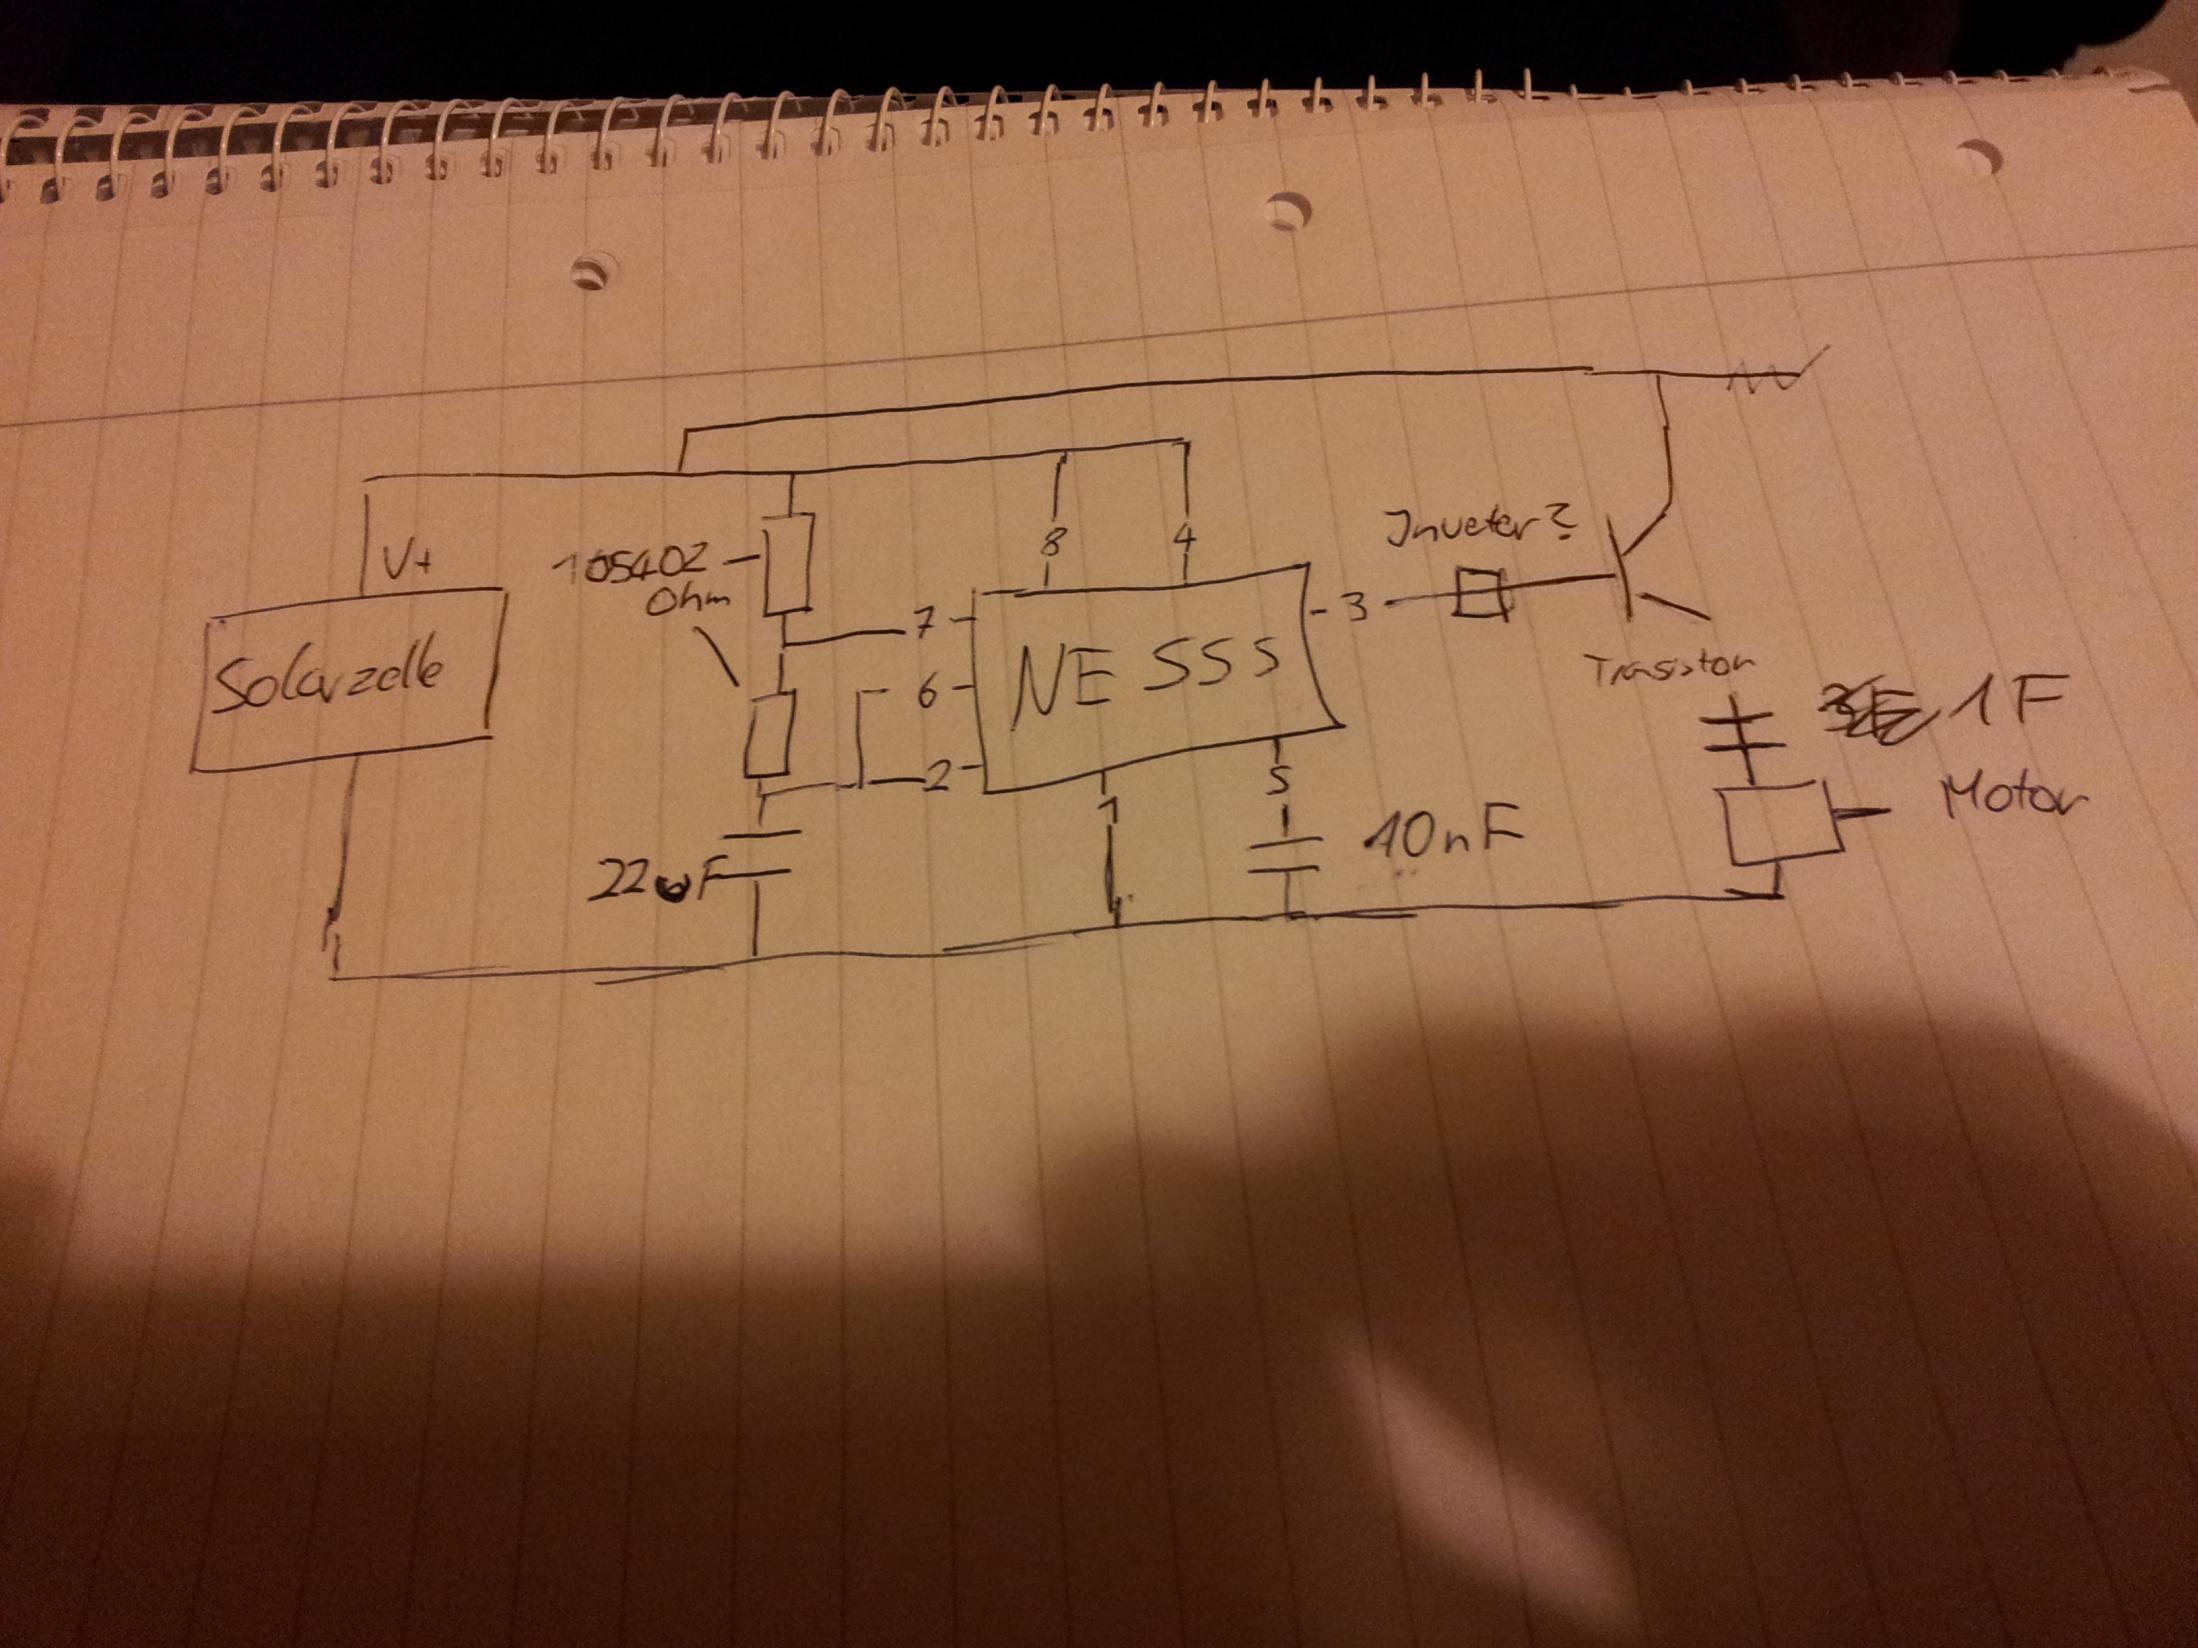 schaltplan f r ansteuerung von elektromotor computerbase. Black Bedroom Furniture Sets. Home Design Ideas